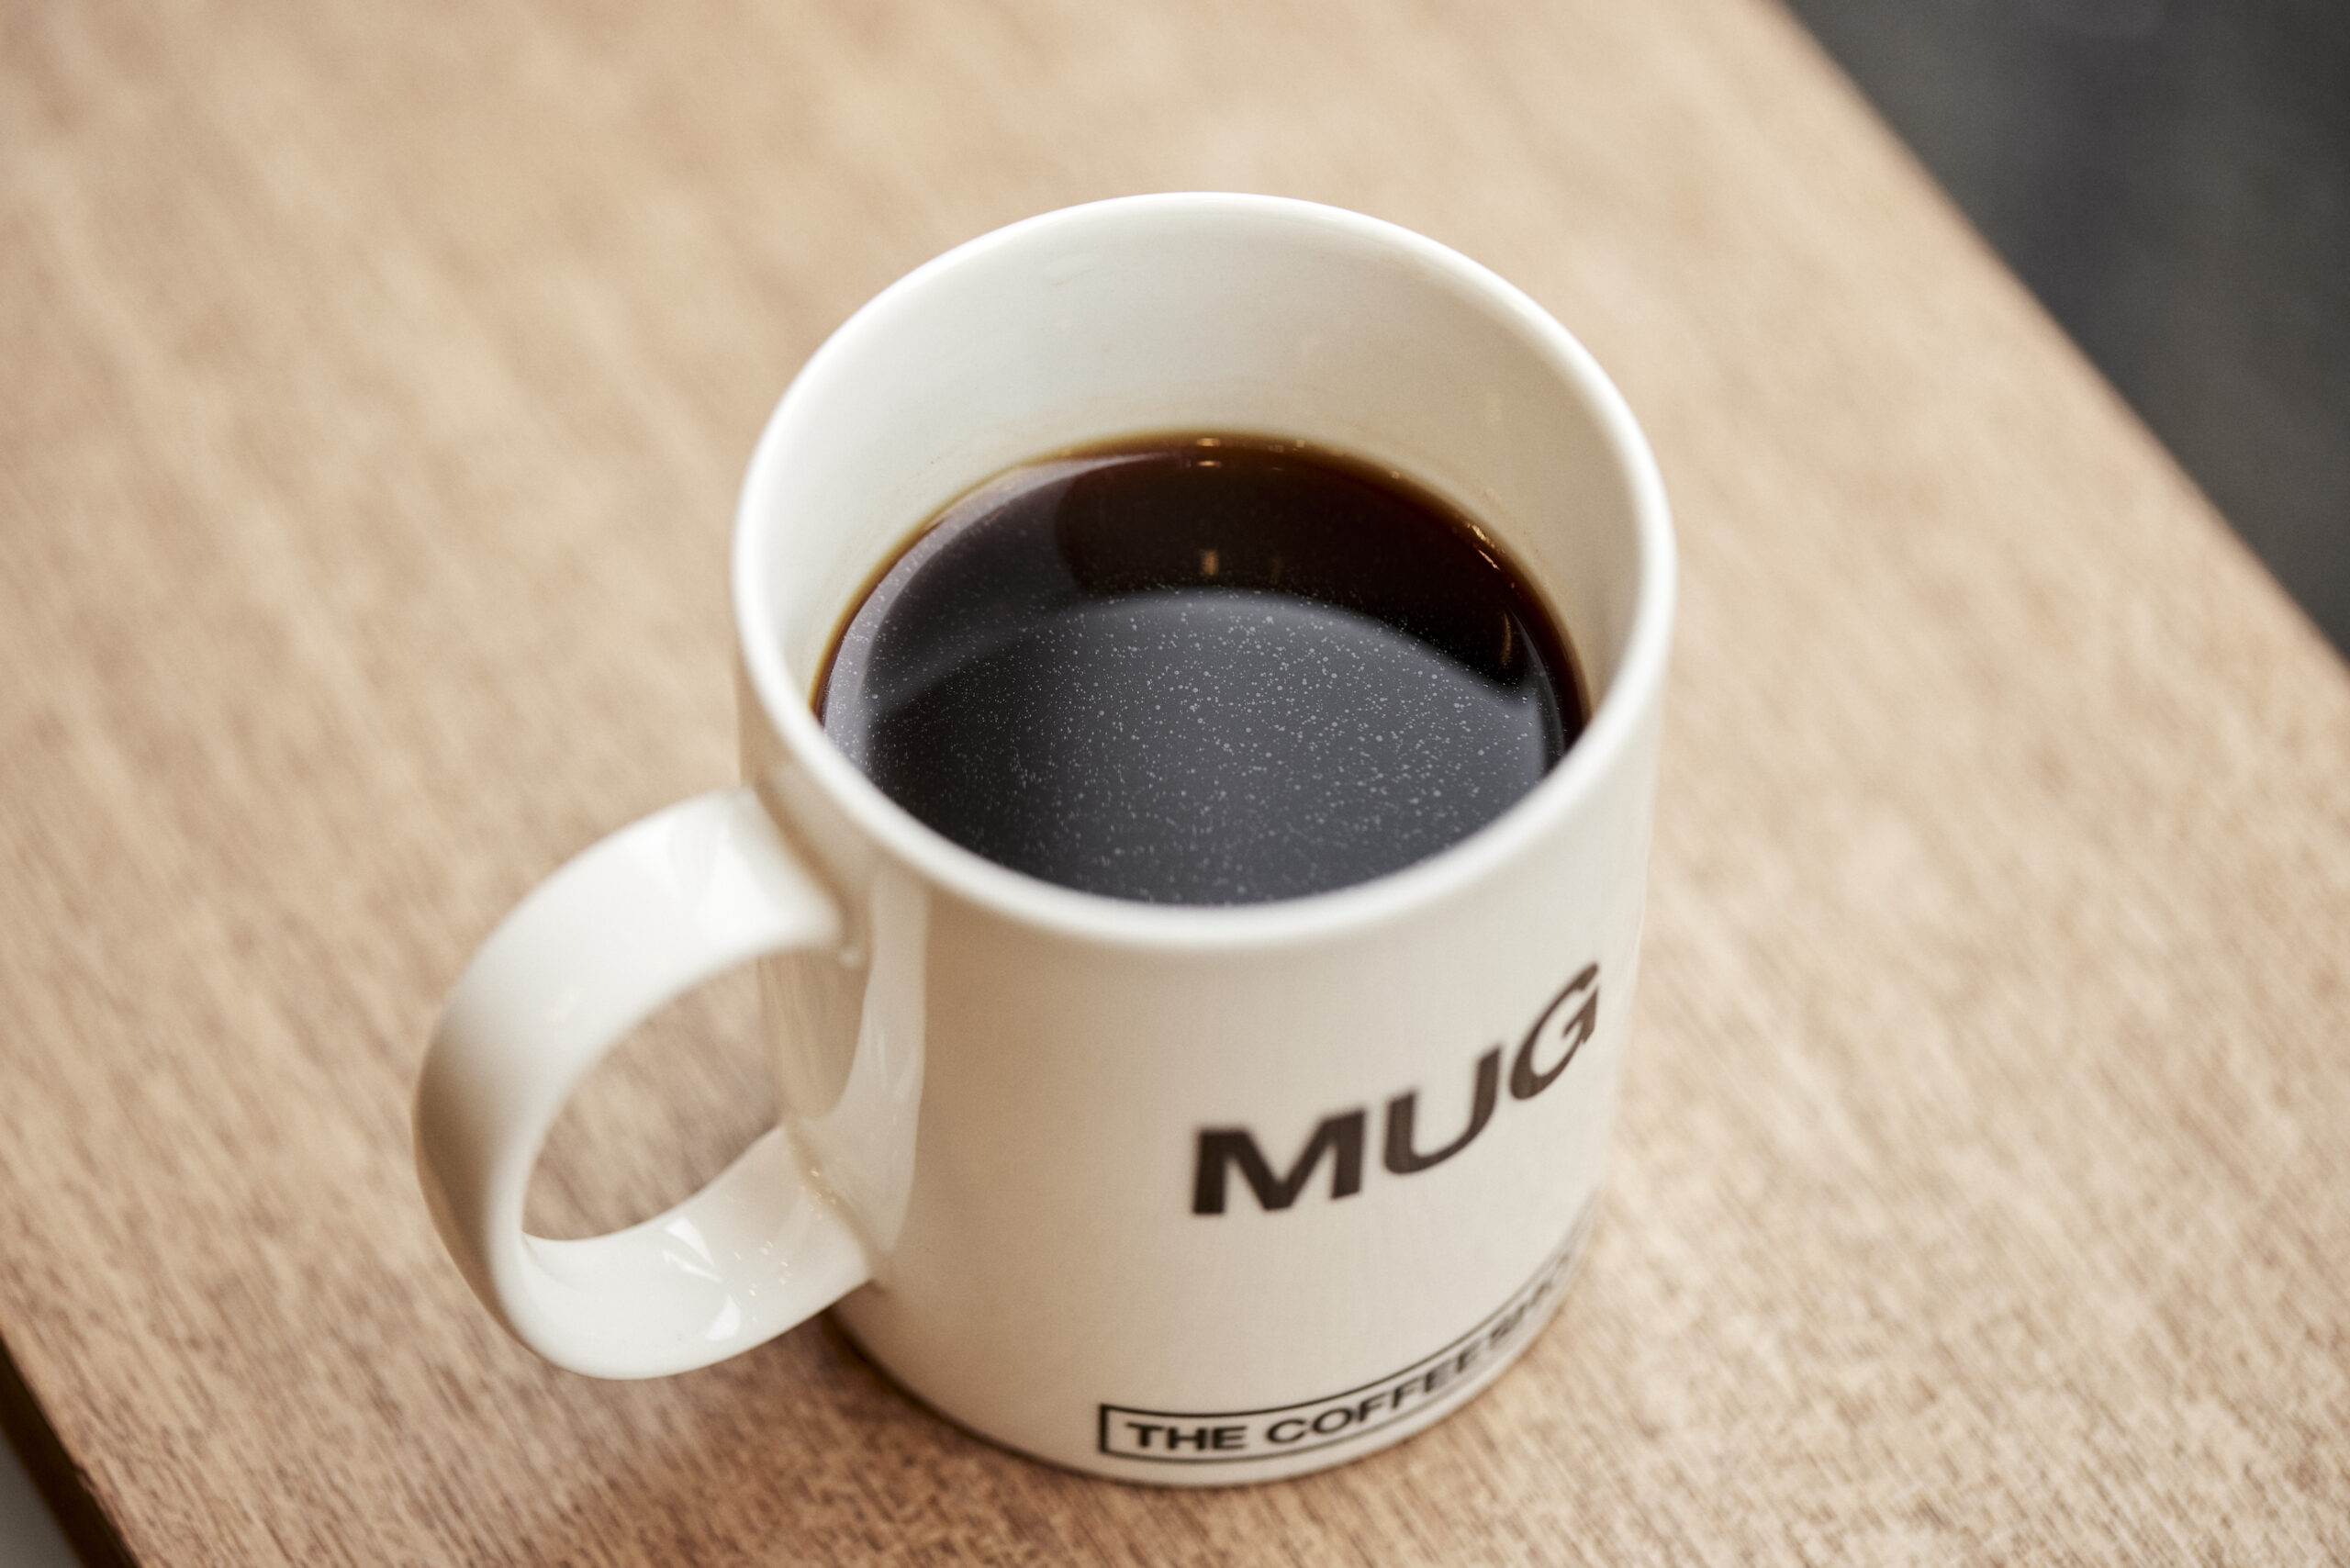 THE RELAY 7月 マンスリーロースター【THE COFFEESHOP/東京】シンプルに、美味しいコーヒーを届ける